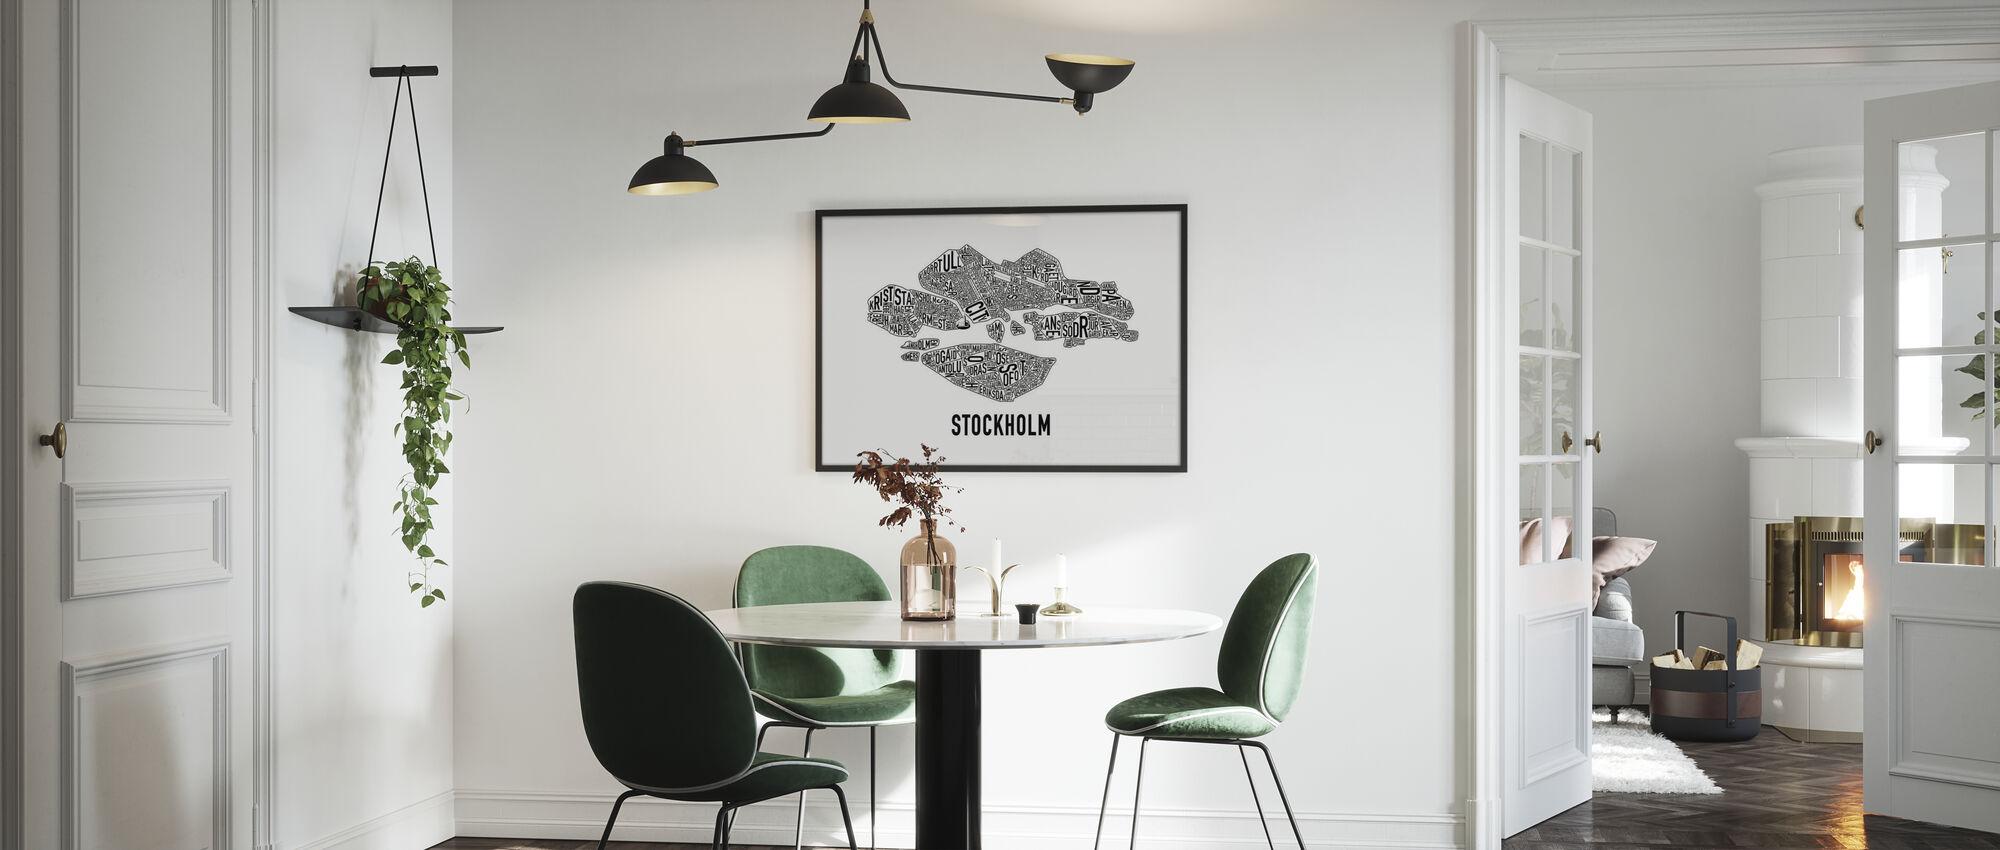 Stockholm - Poster - Keuken